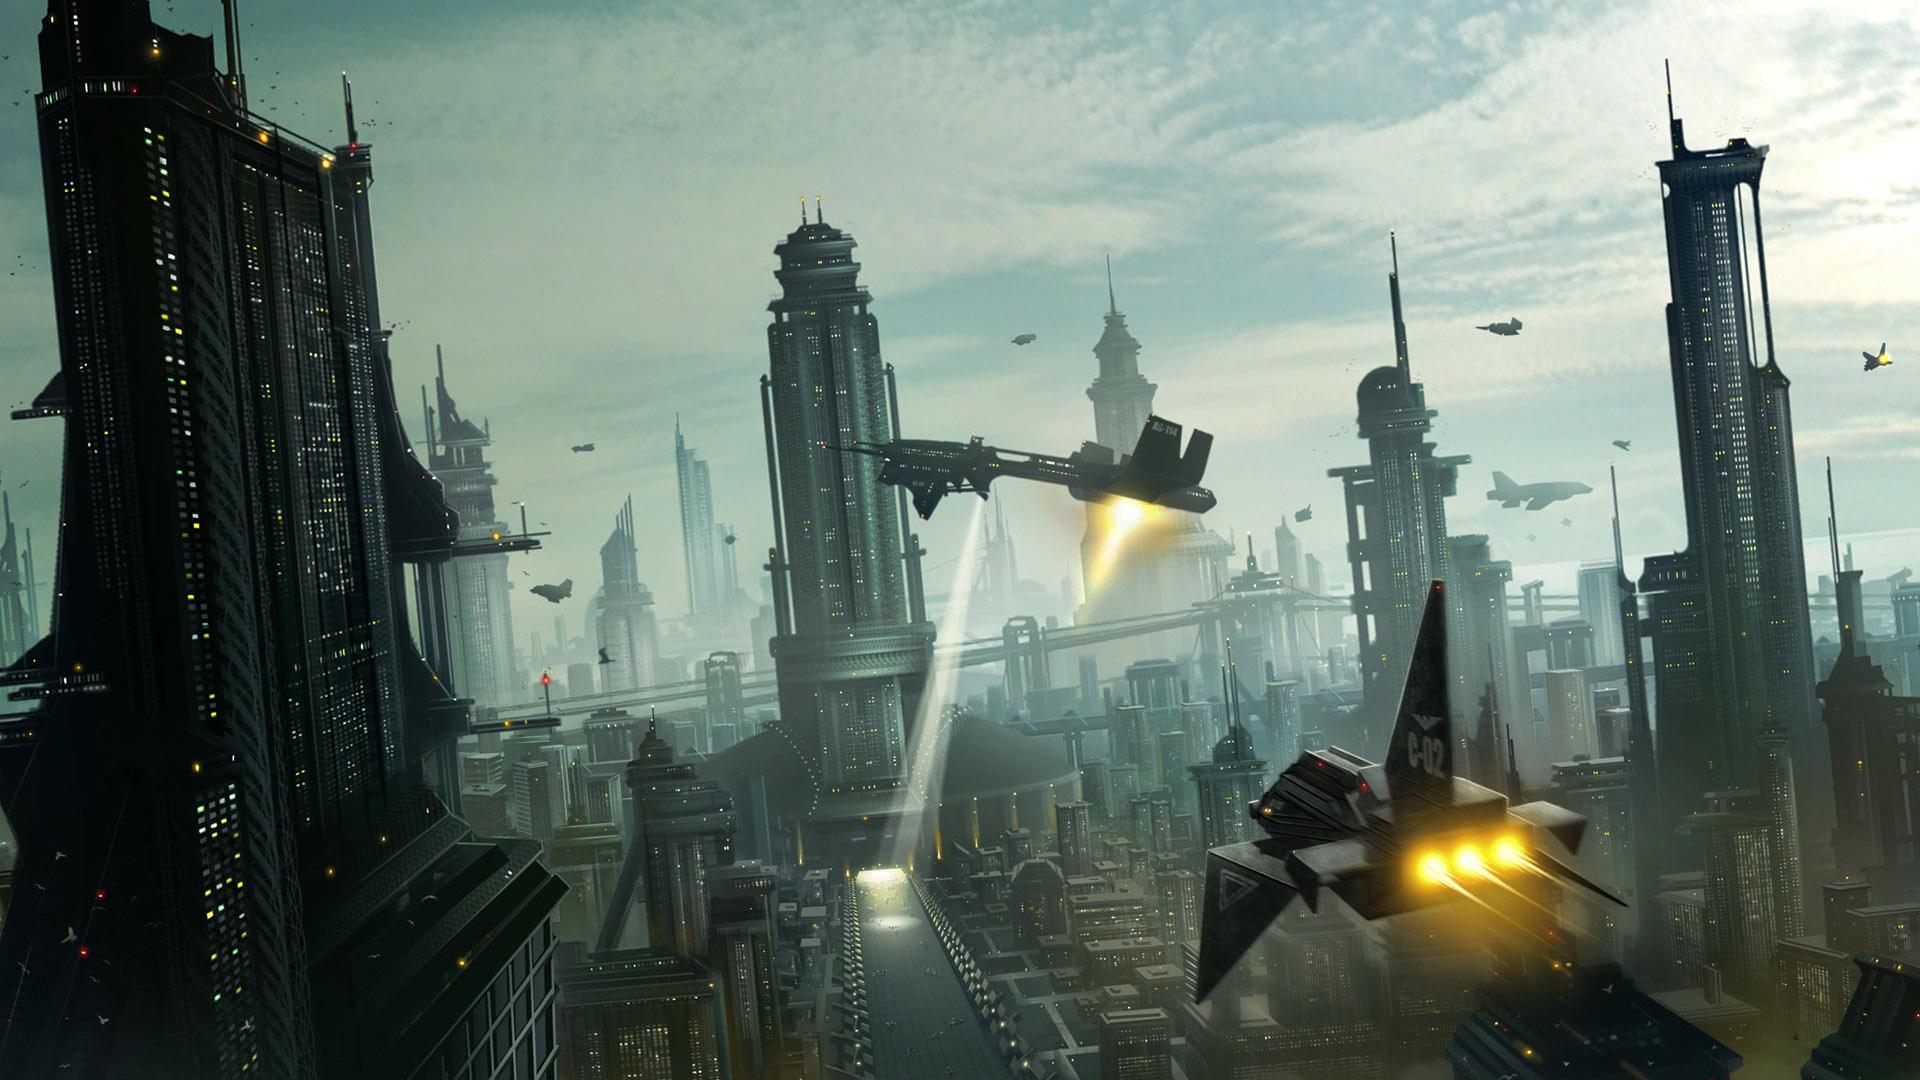 космические, корабли, город